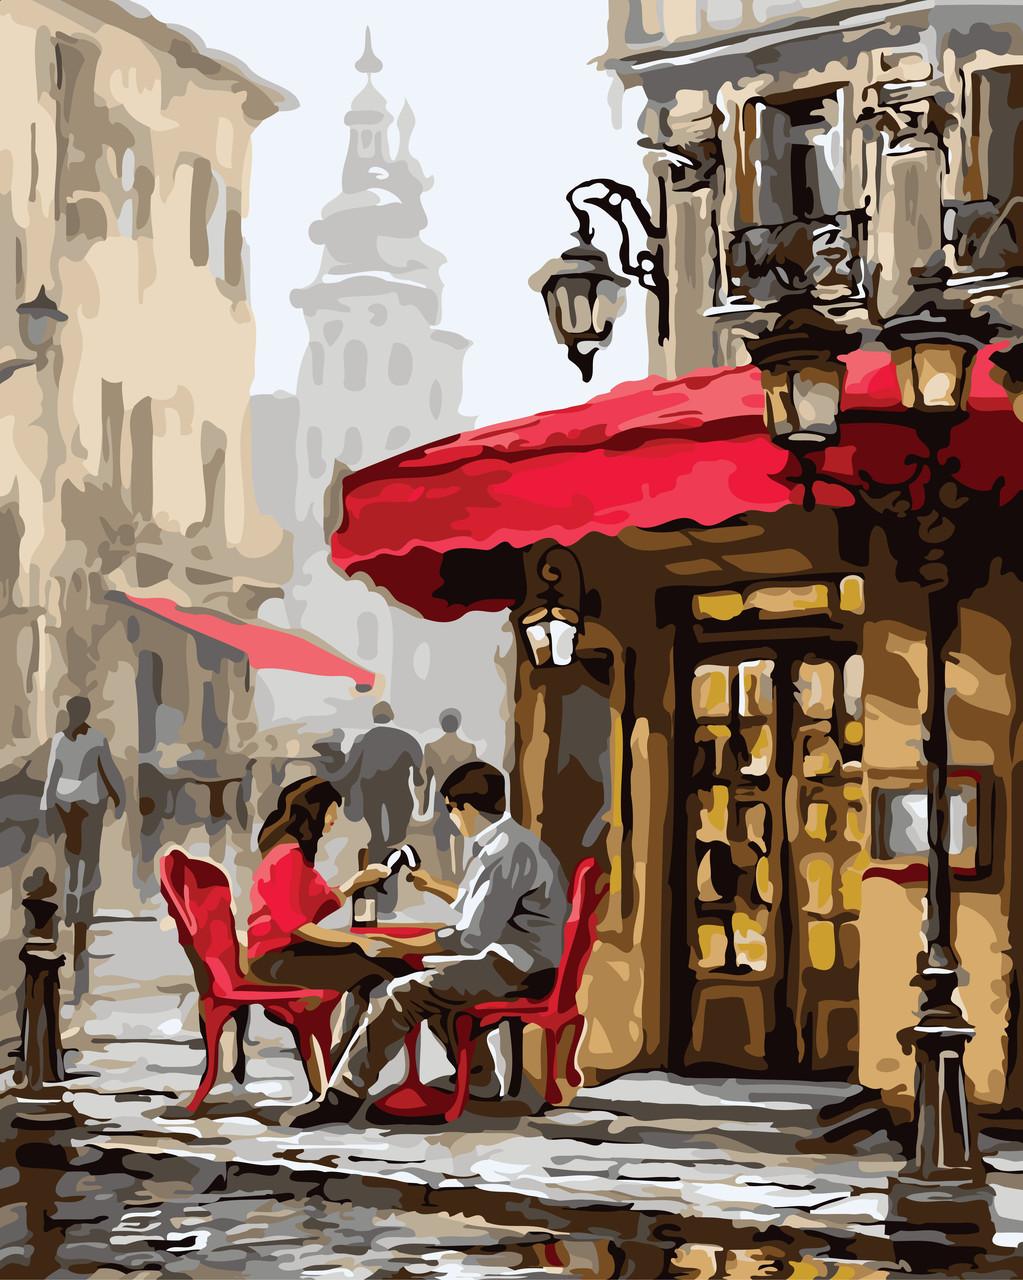 Картина по номерам Идейка Лондонское кафе 40*50 см (в коробке) арт.KH2144